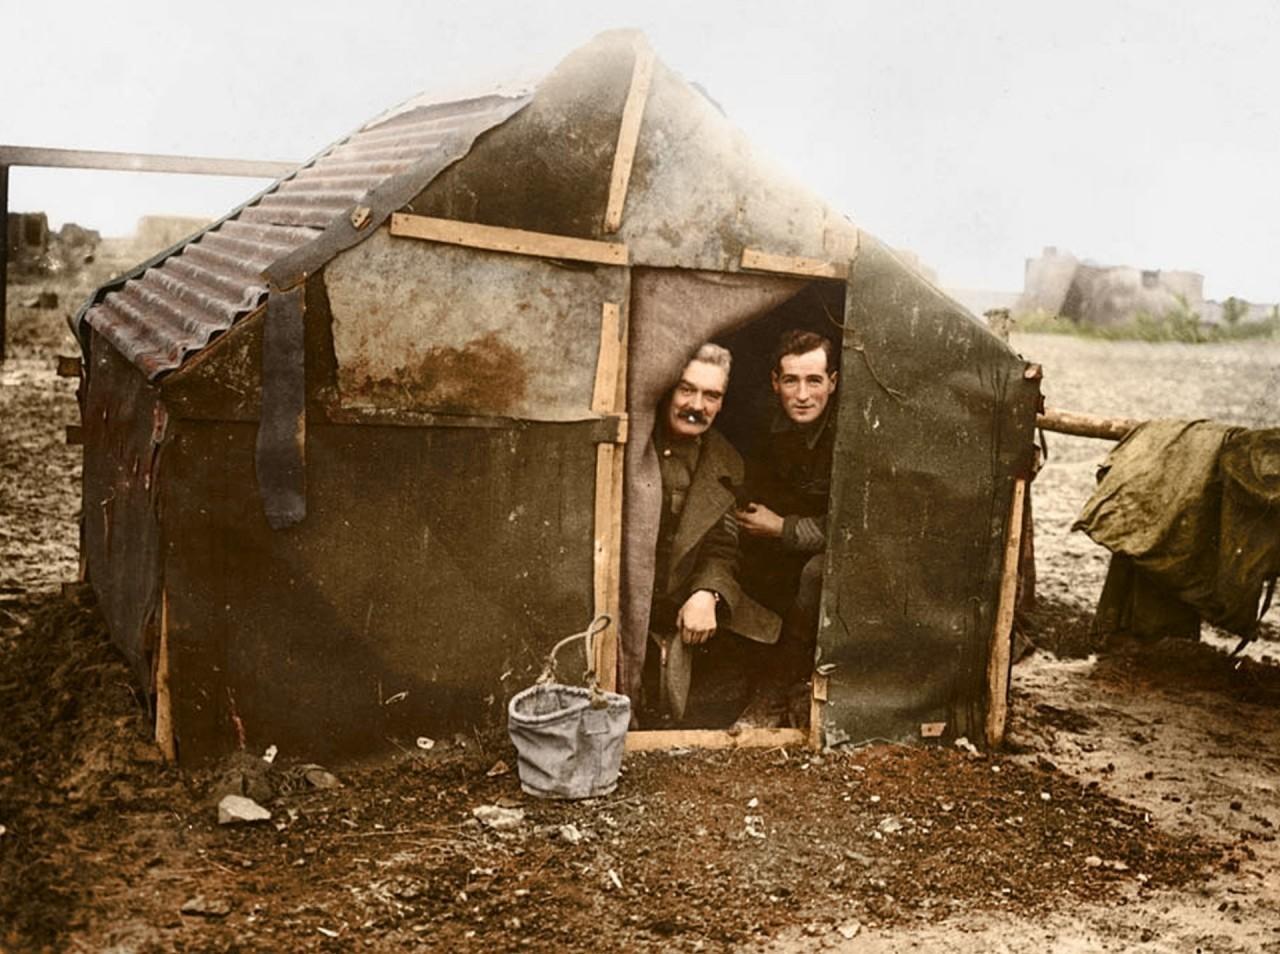 Офицеры во временном убежище архивное фото, колоризация, колоризация фотографий, колоризированные снимки, первая мировая, первая мировая война, фото войны